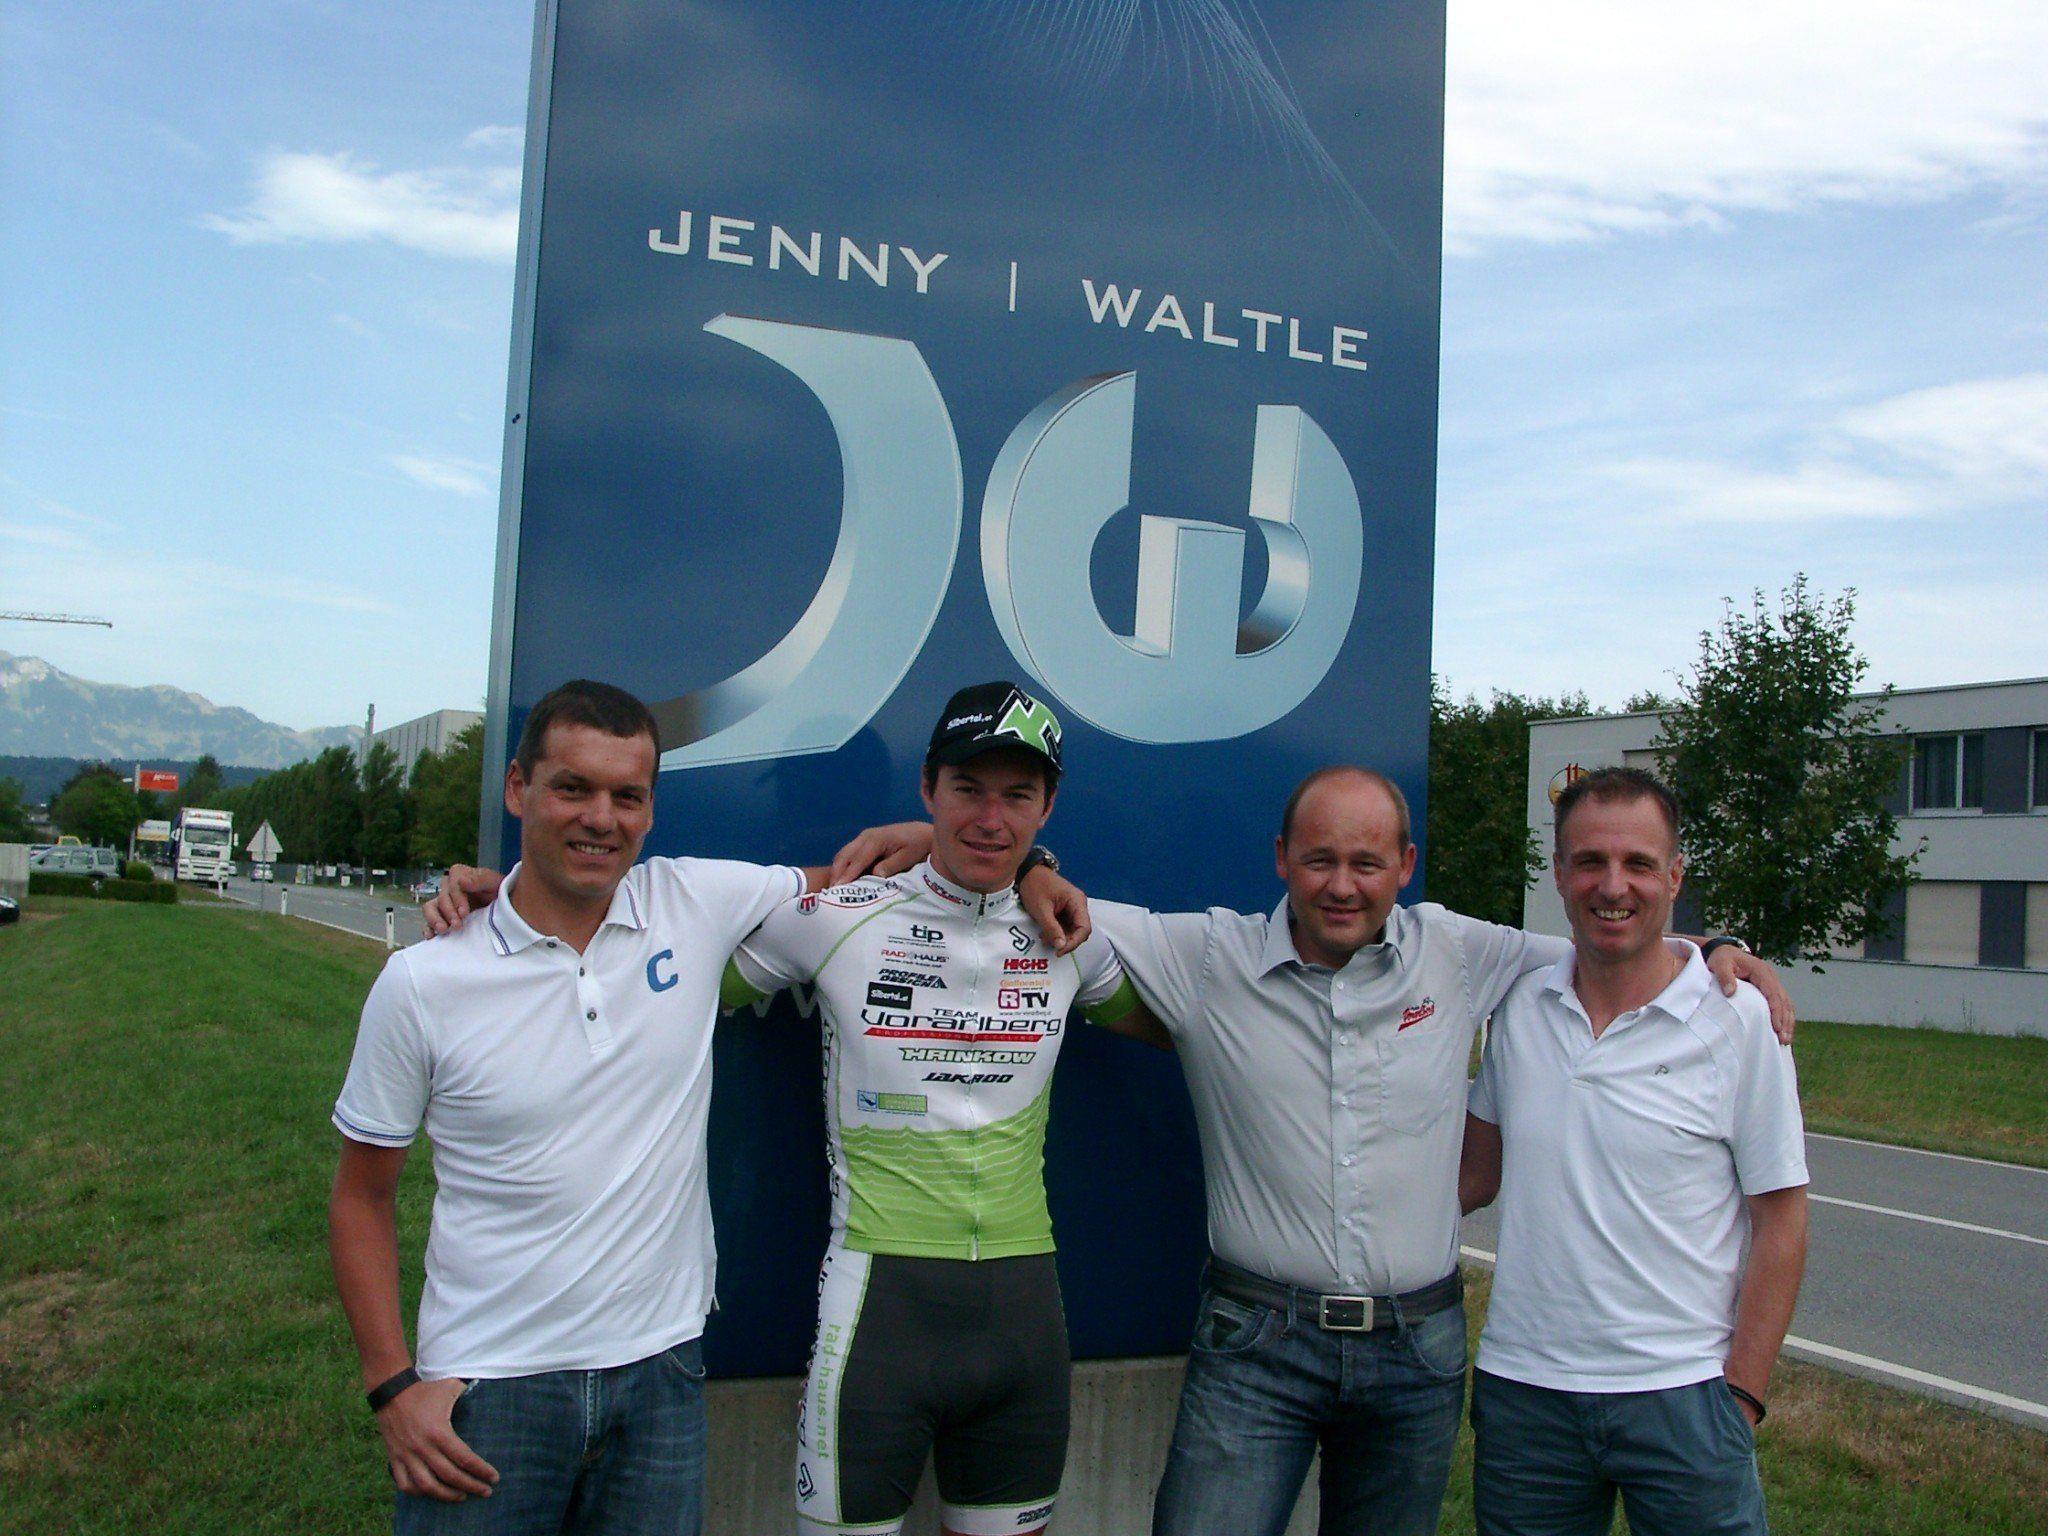 Mit der Firma Jenny und Waltle in Frastanz konnte das Radteam Vorarlberg einen neuen Sponsor an Land ziehen.